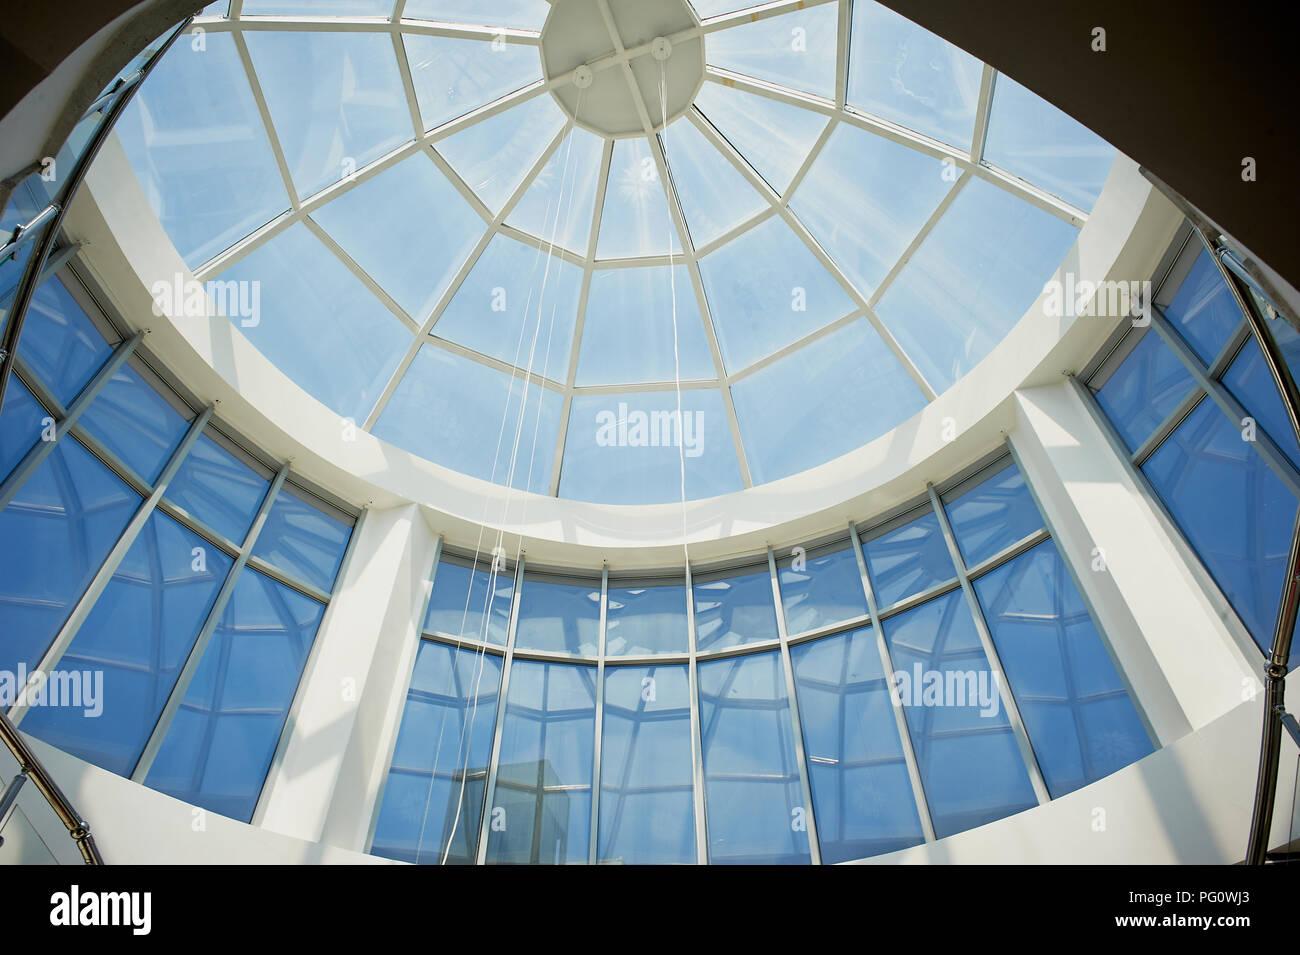 Die verglaste Kuppel der modernes Gebäude. Der blaue Himmel ist beleuchtet Stockfoto